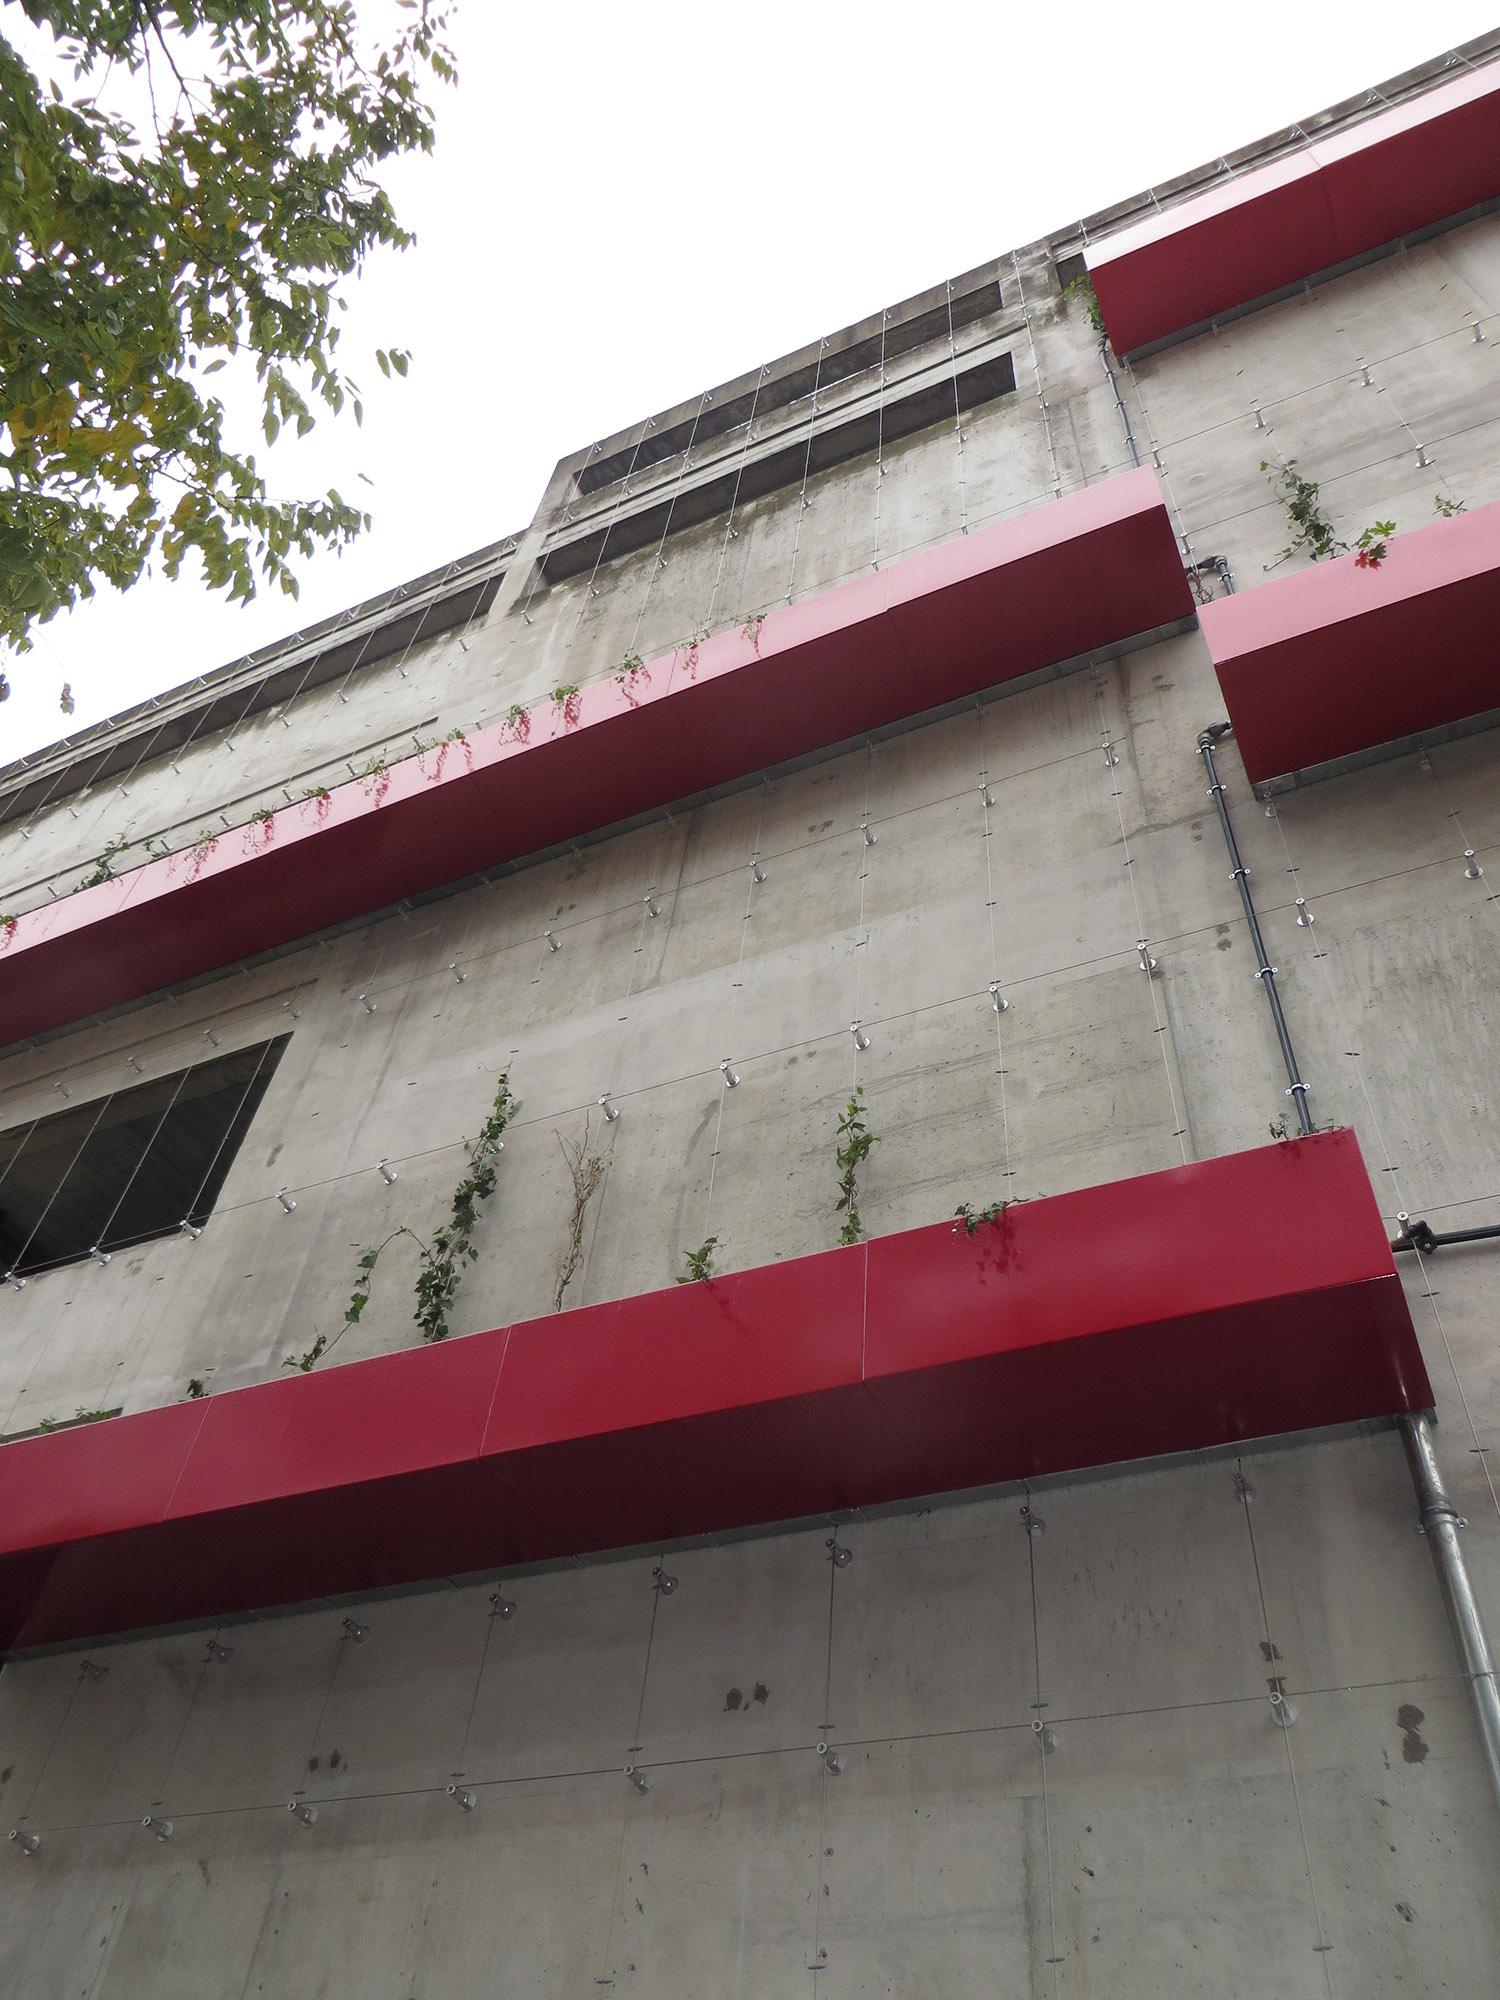 http://iups.eu/wp-content/uploads/2017/01/végétalisation-façade-parking-UGC-cité-ciné-3.jpg